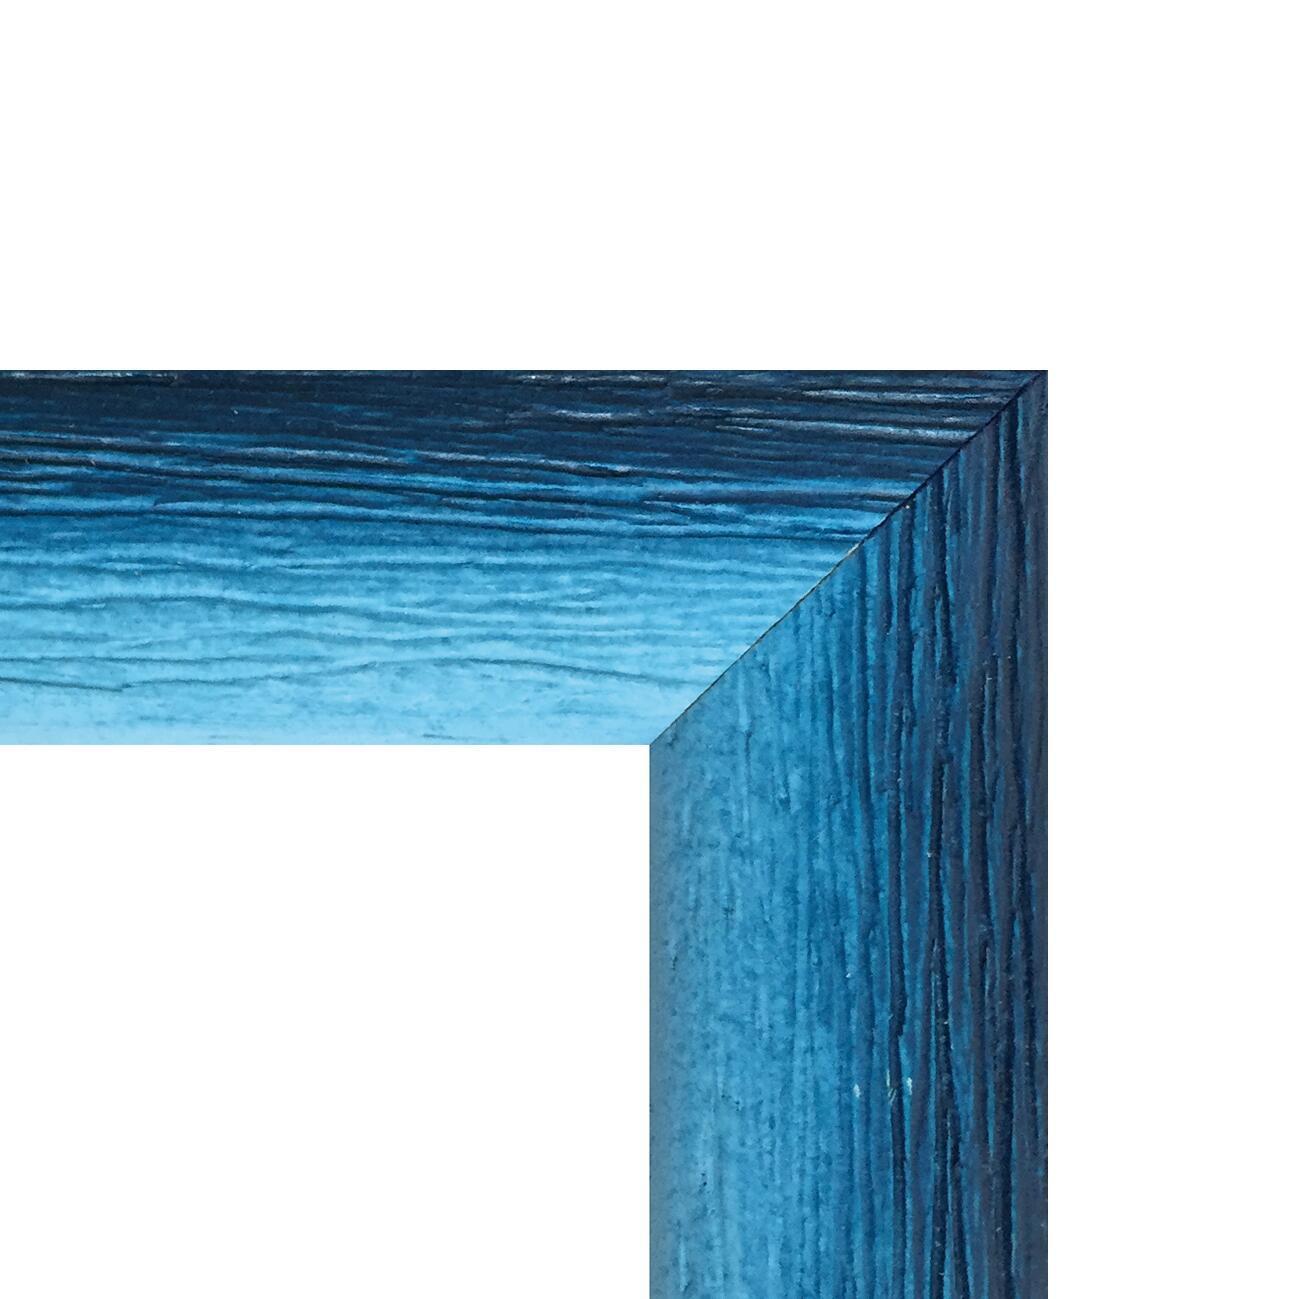 Cornice INSPIRE Bicolor azzurro<multisep/>blu per foto da 30x45 cm - 3